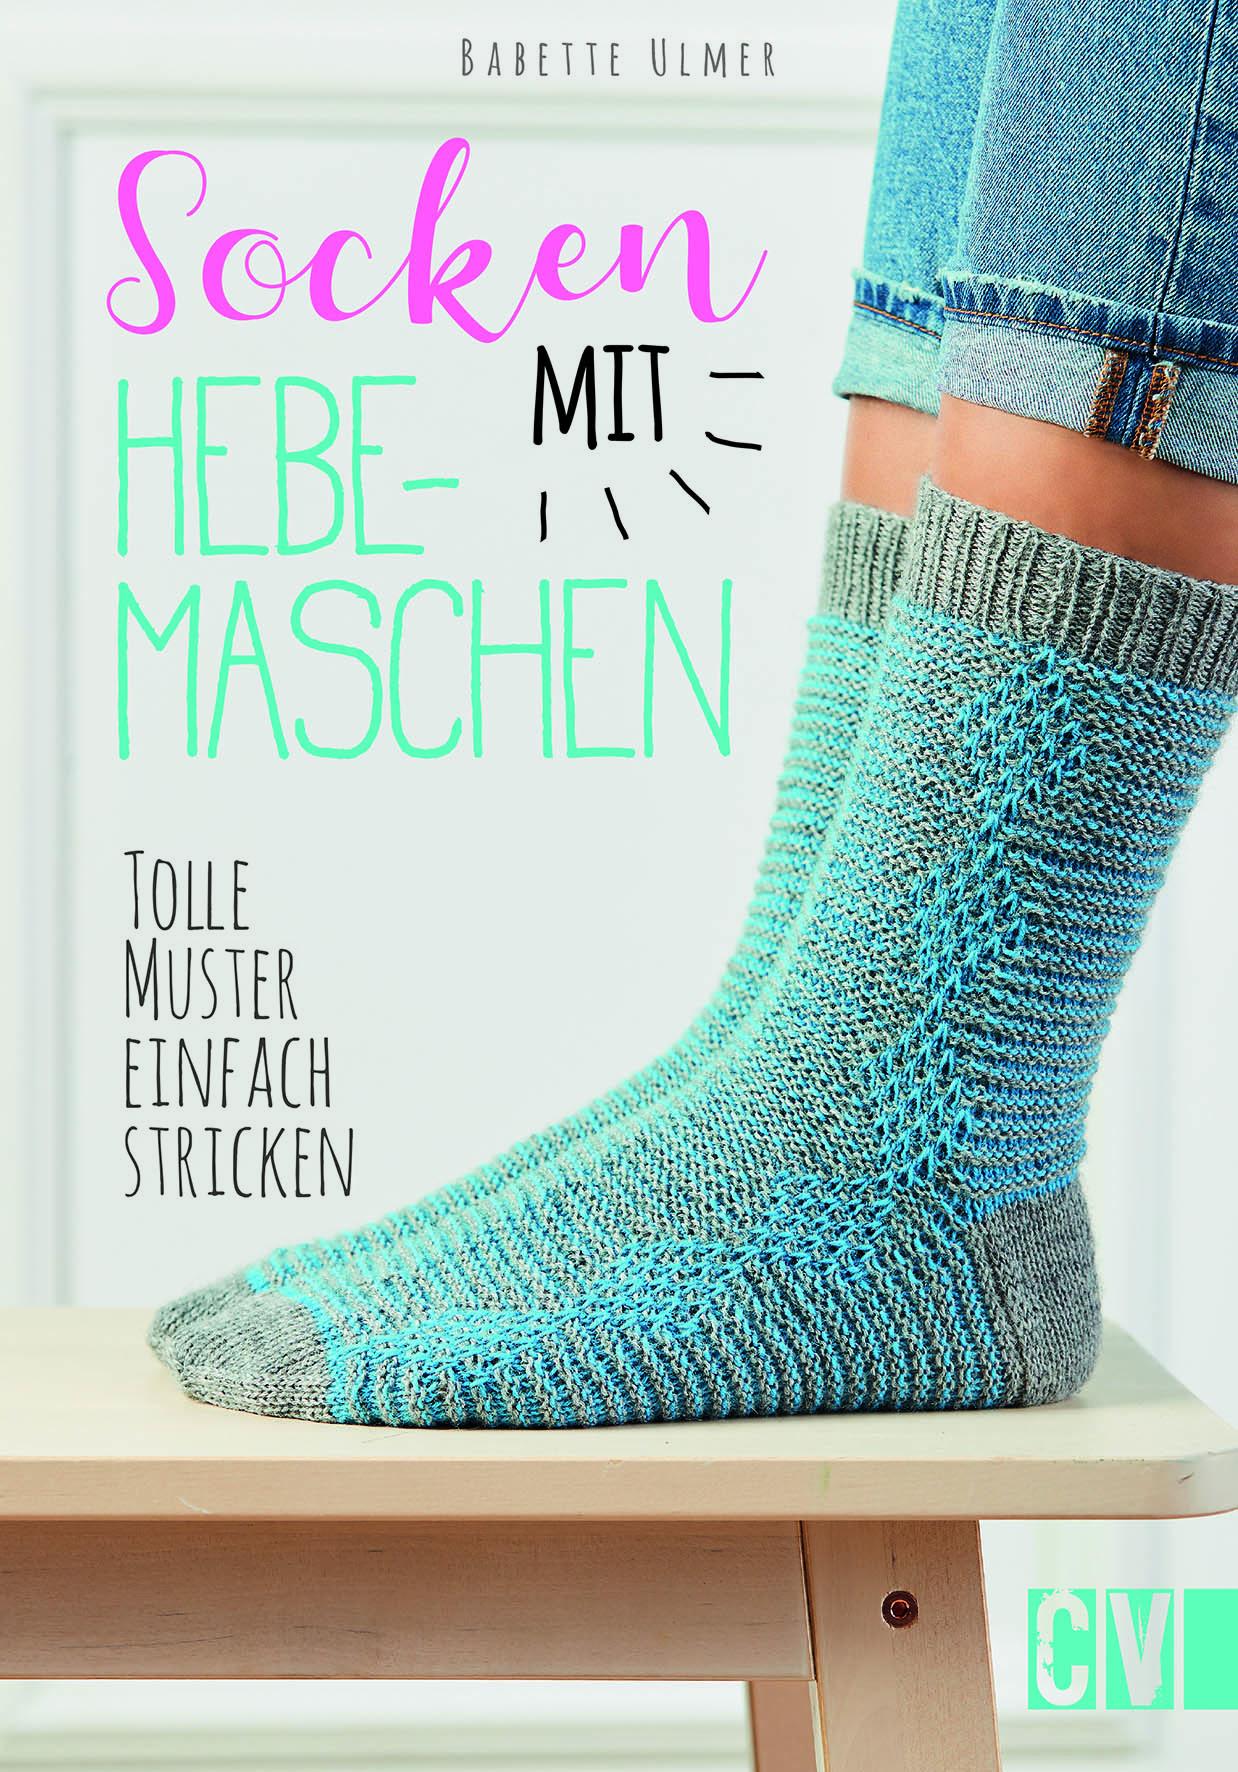 CV 6571 Socken mit Hebemaschen